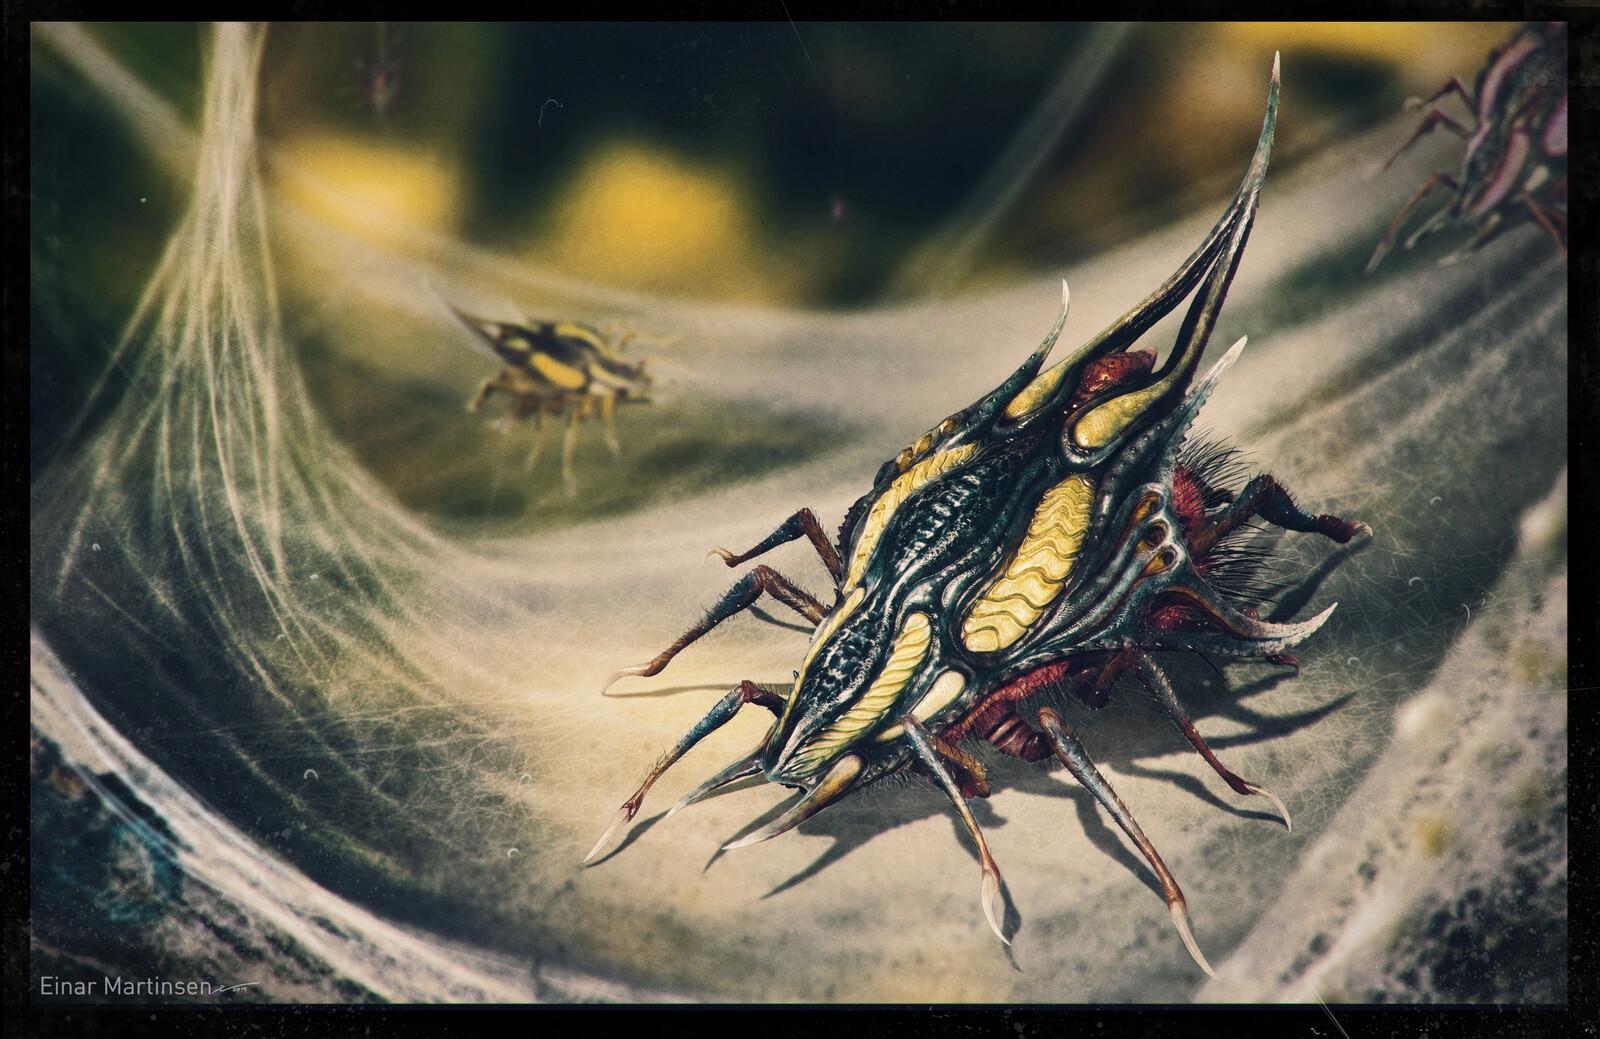 alien spider development